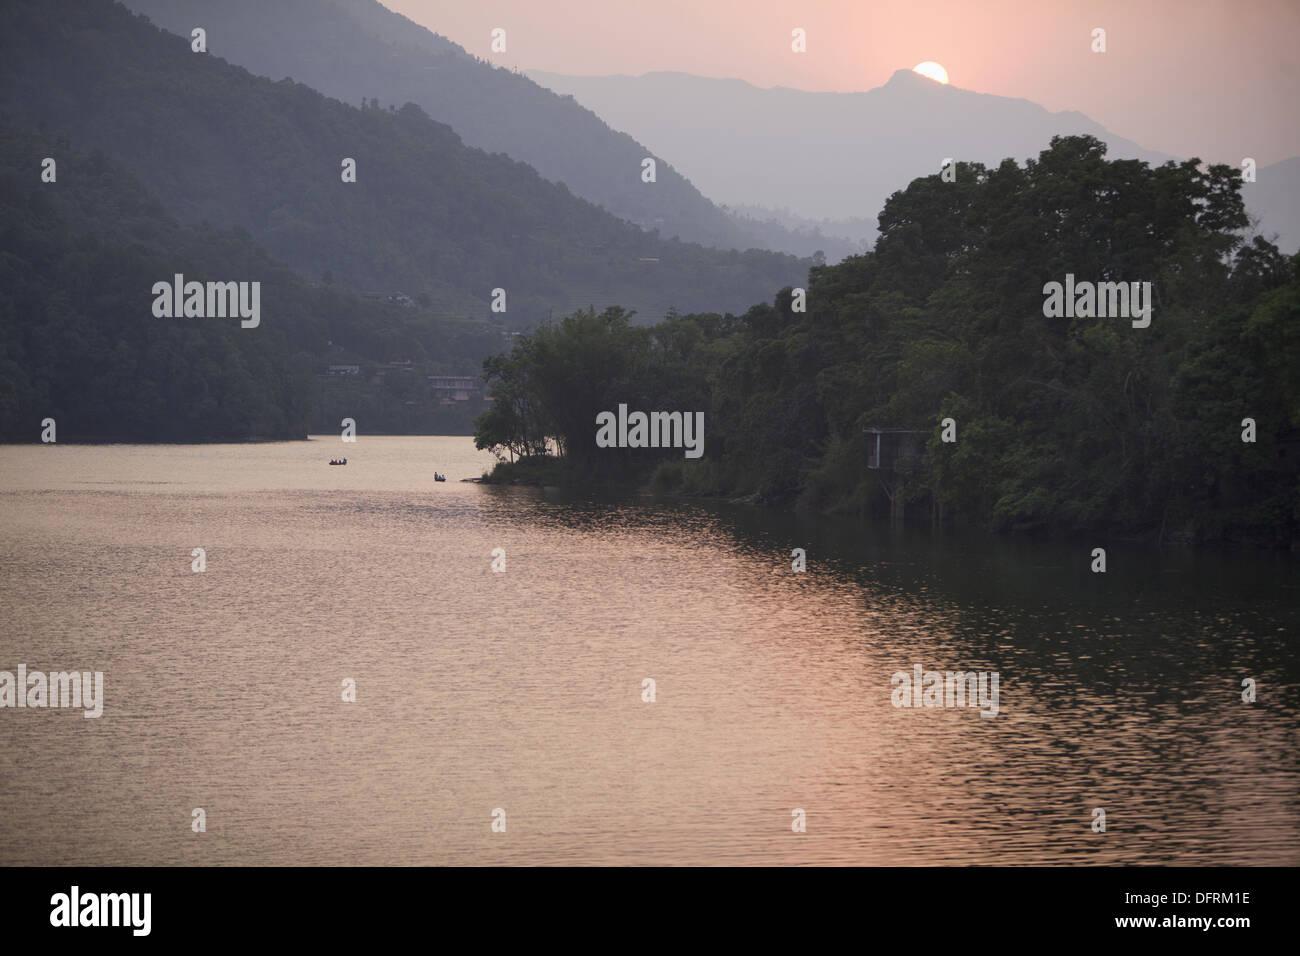 Beautiful view of Phewa lake, Pokhara, Nepal - Stock Image